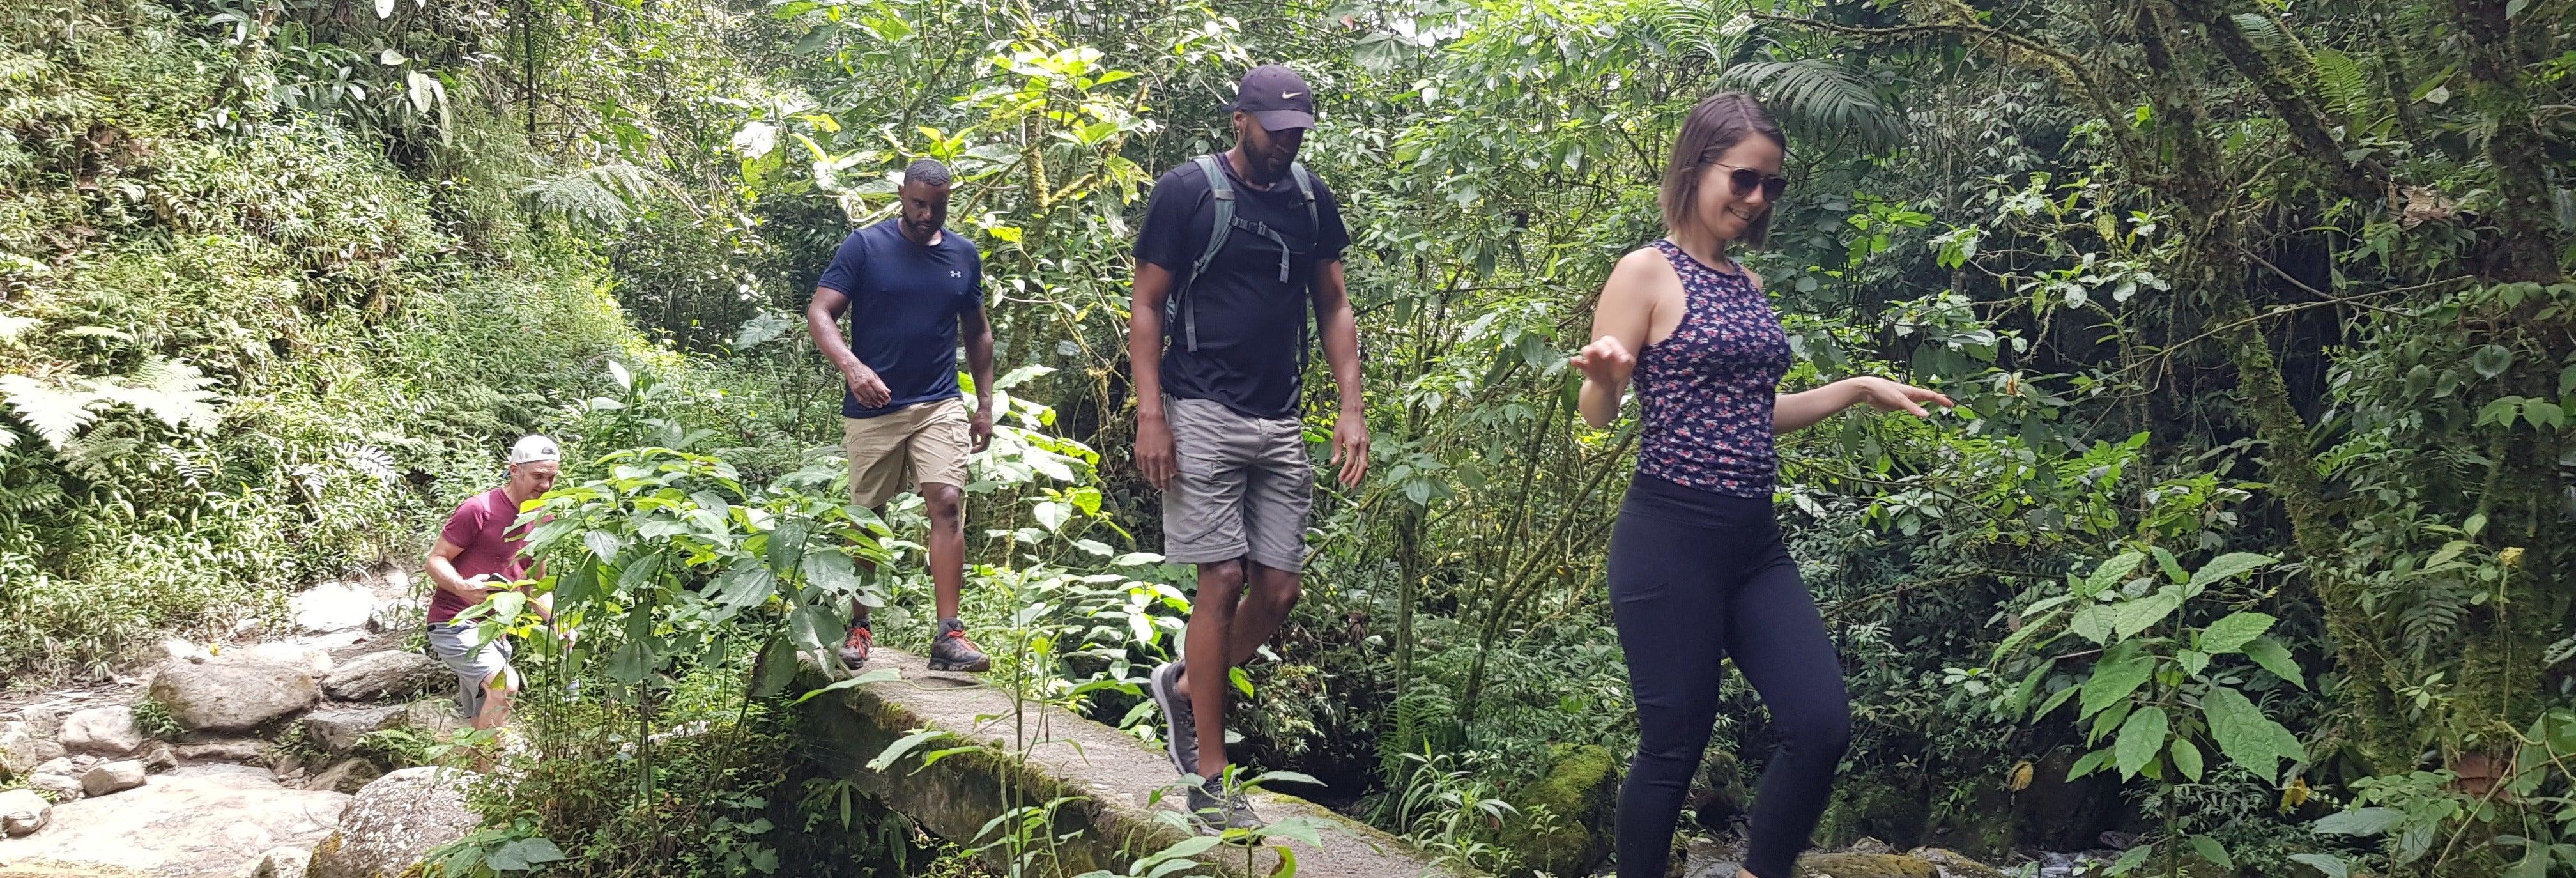 Excursión a la cascada Chorro de las Campanas